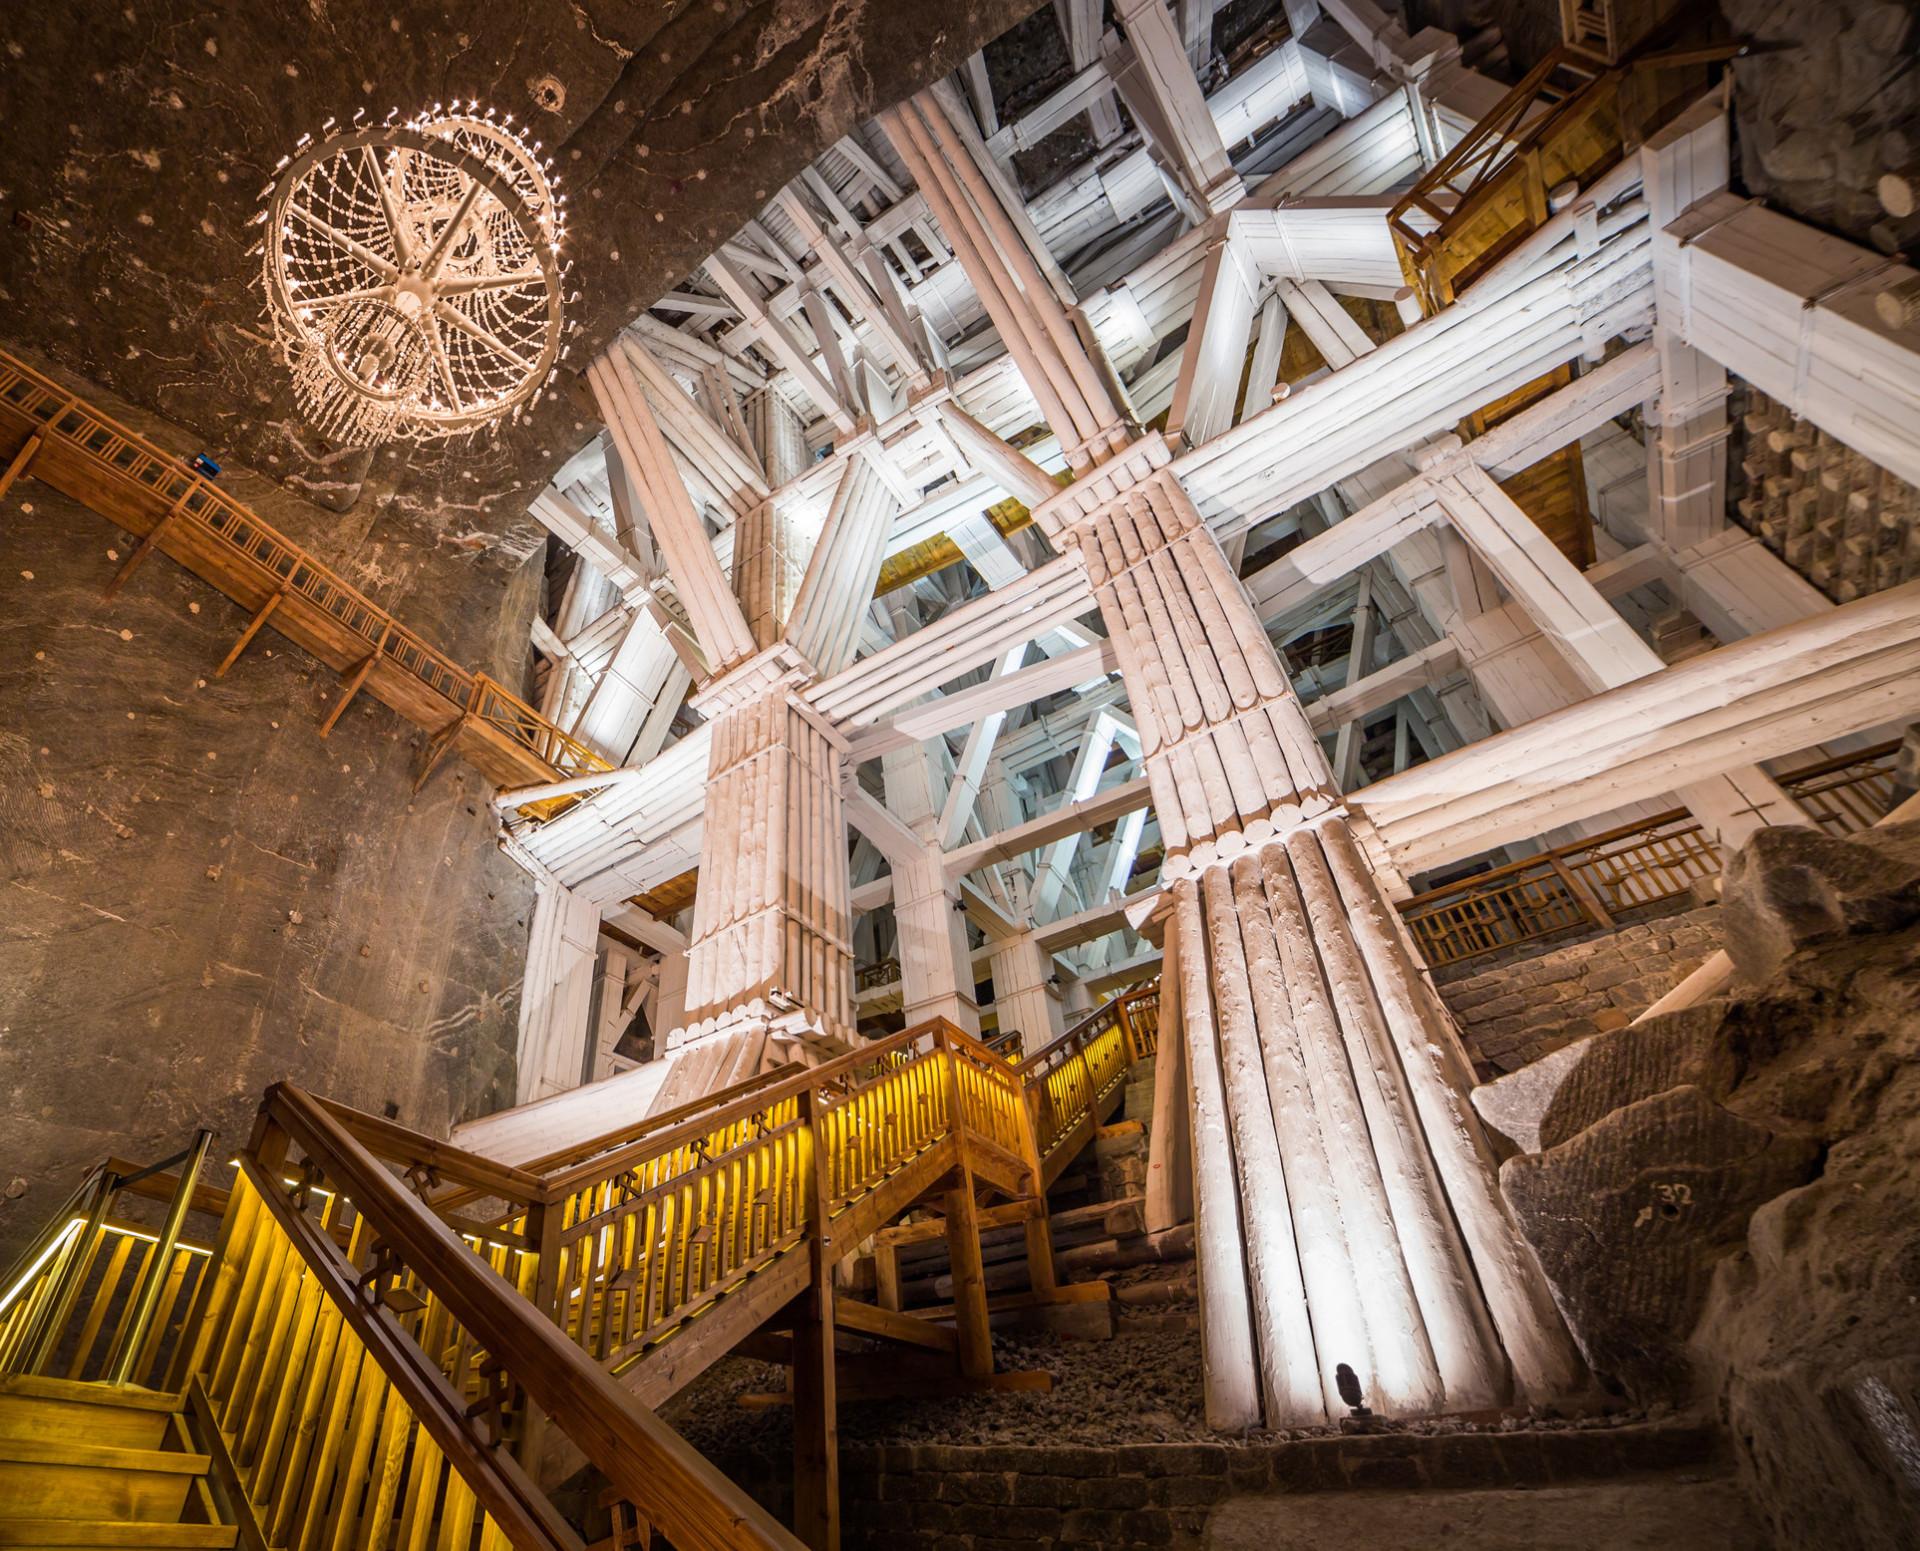 Descubra maravilhas subterrâneas ao redor do mundo